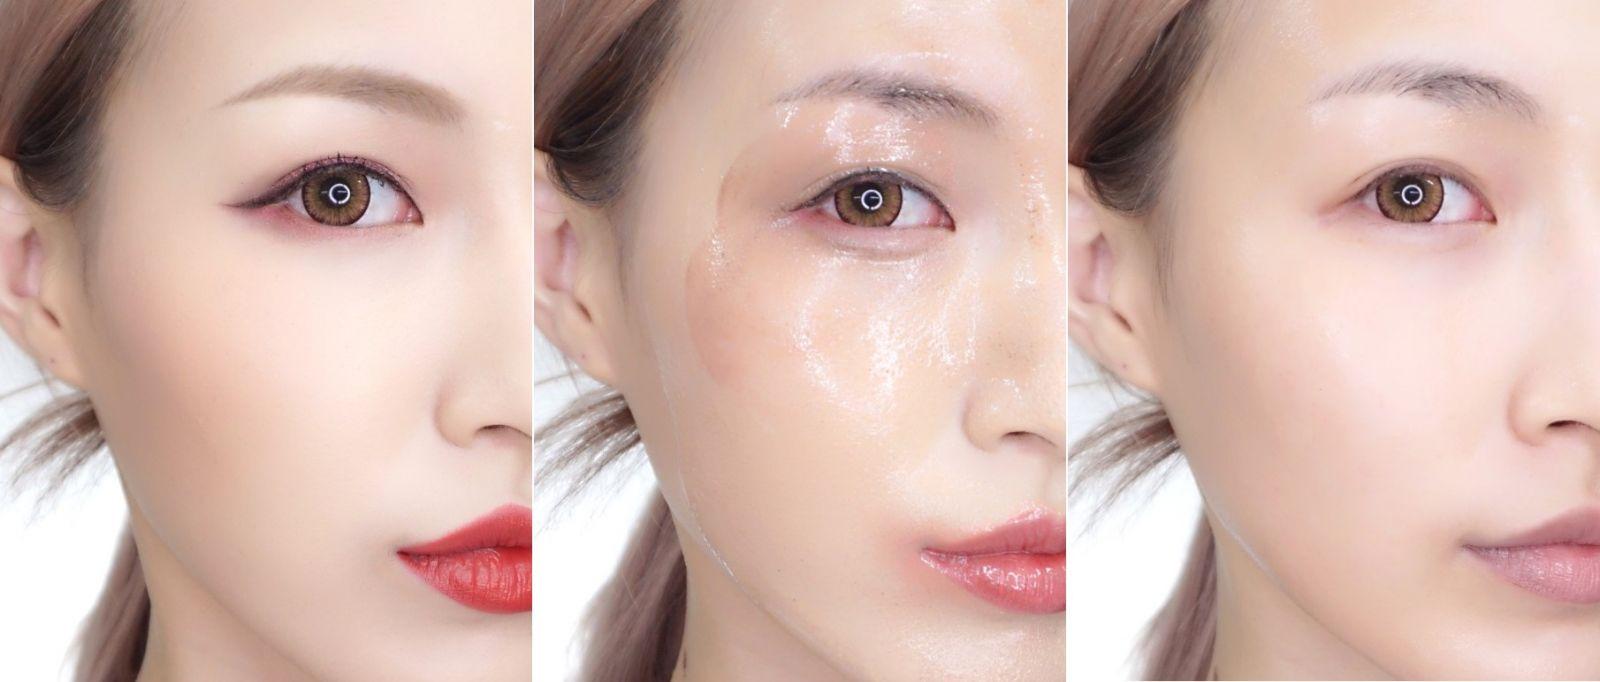 Tác Dụng Của Tẩy Trang Trong Chu Trình Skincare Hạn Chế Mụn